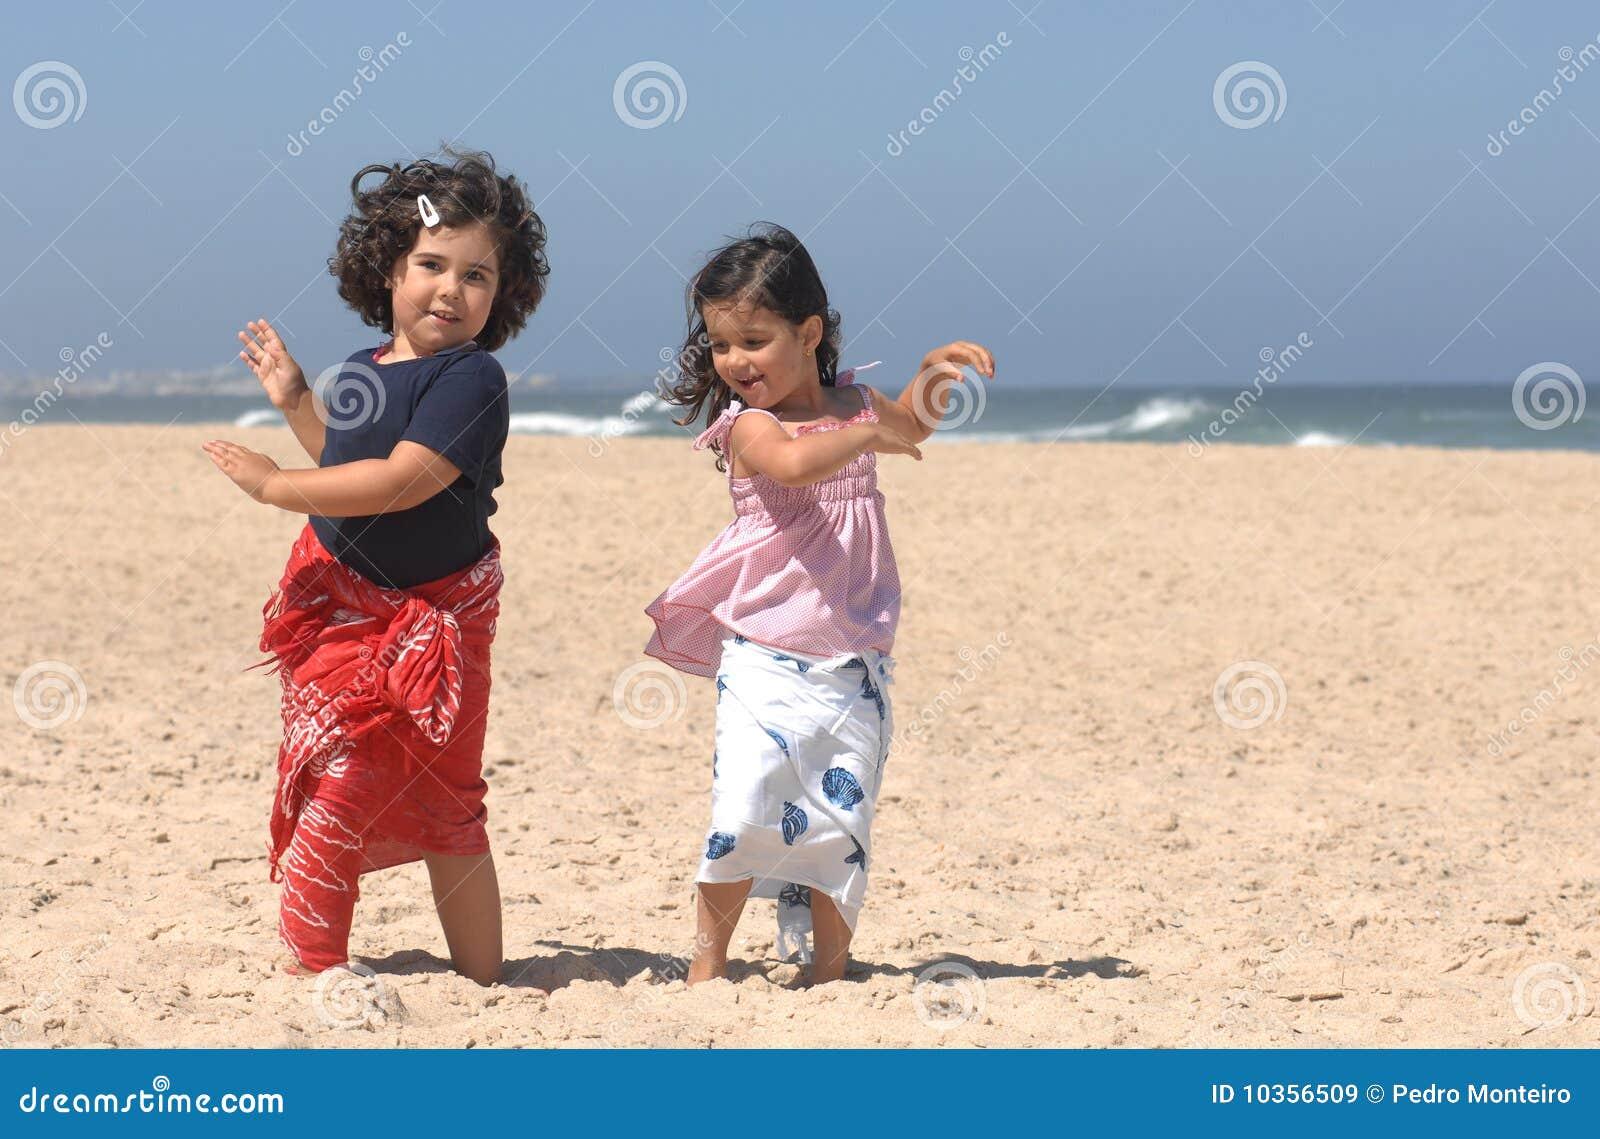 Danse de plage